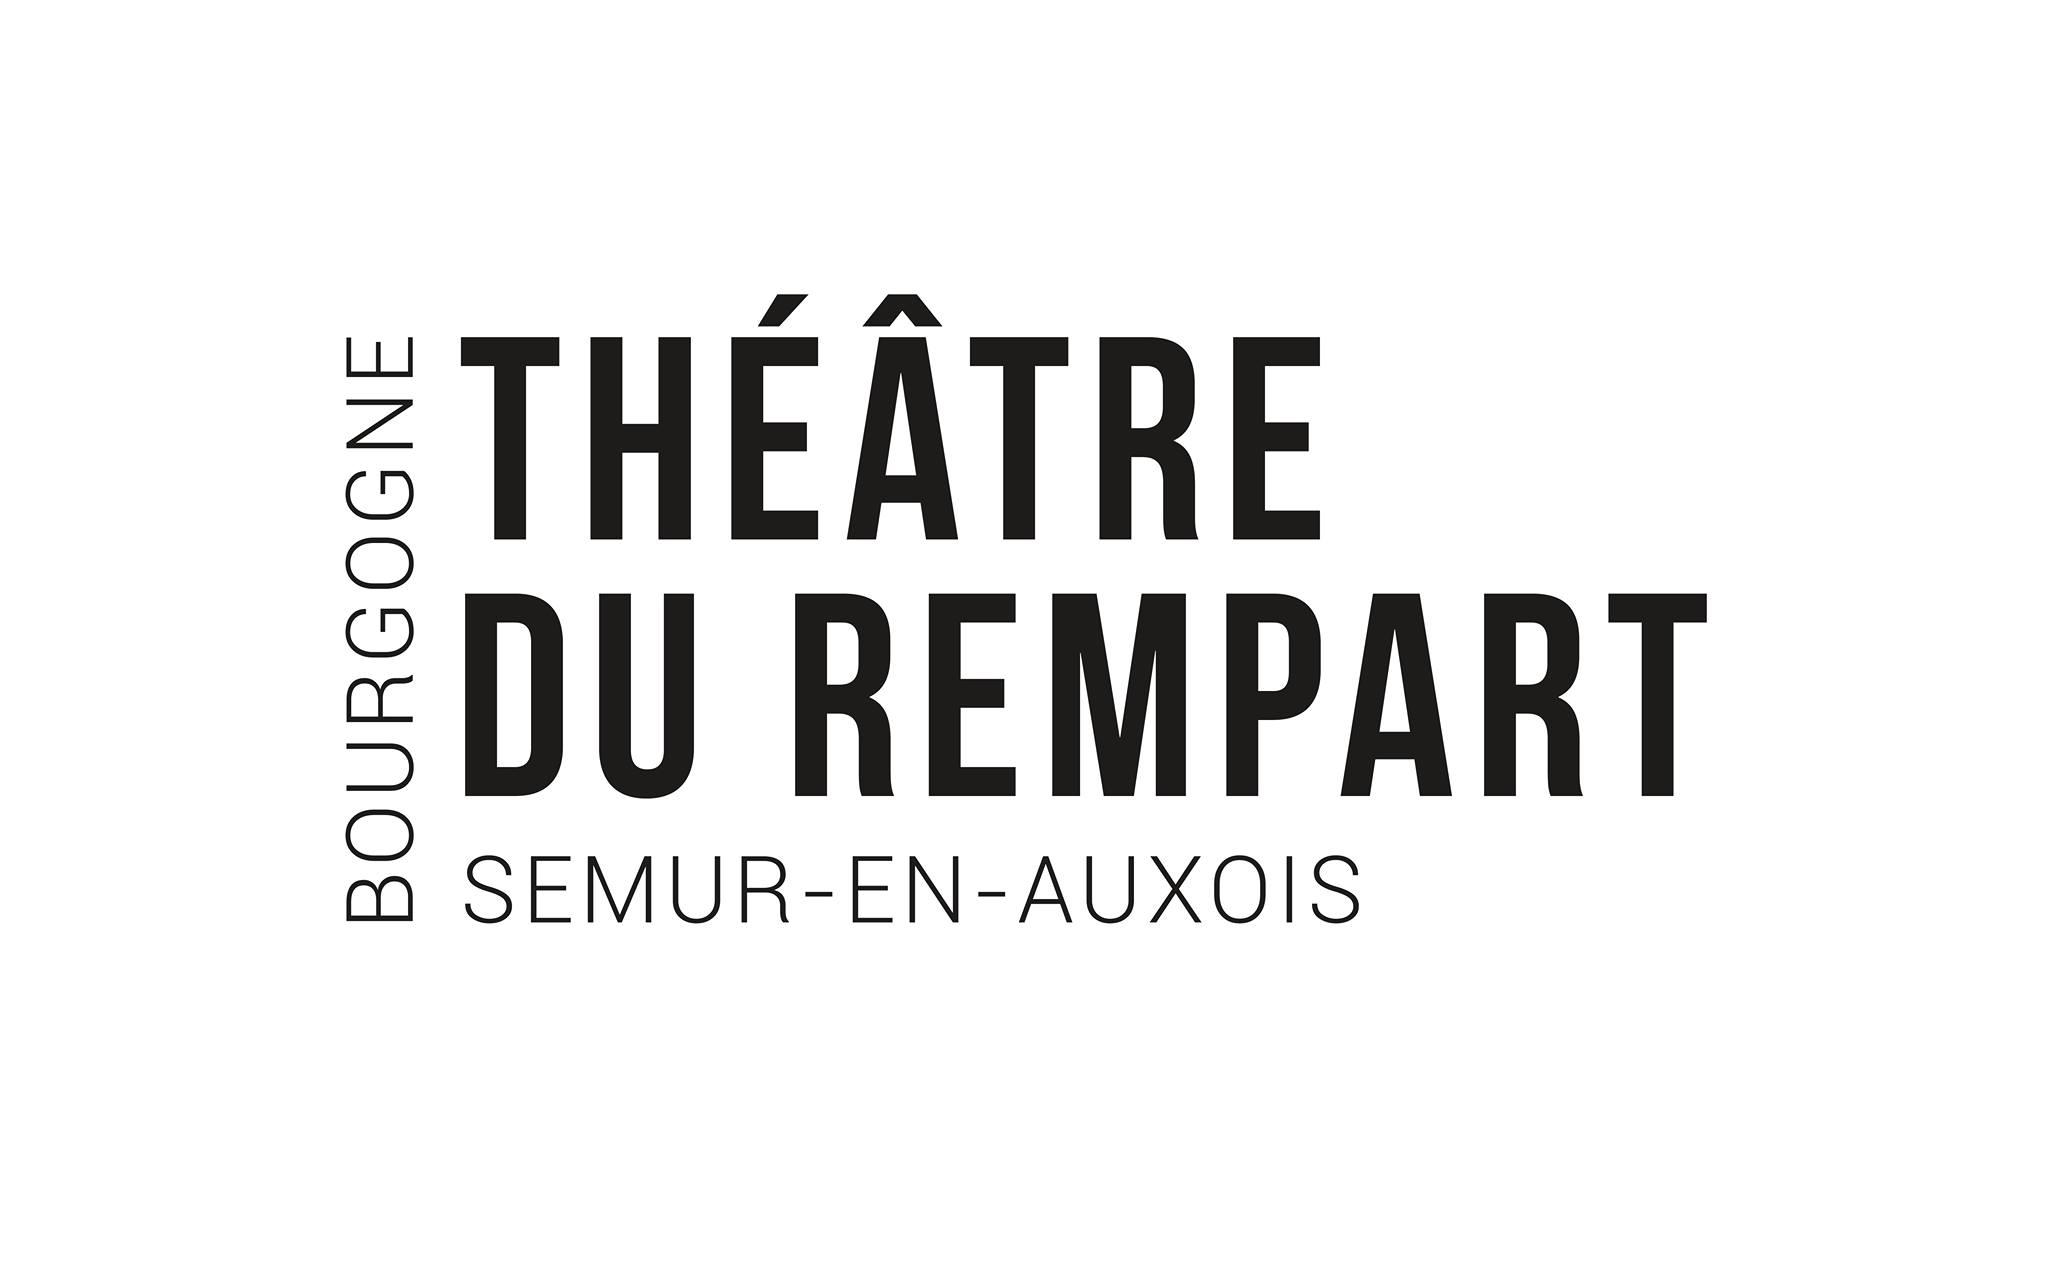 Le théâtre du rempart de Semur-en-Auxois